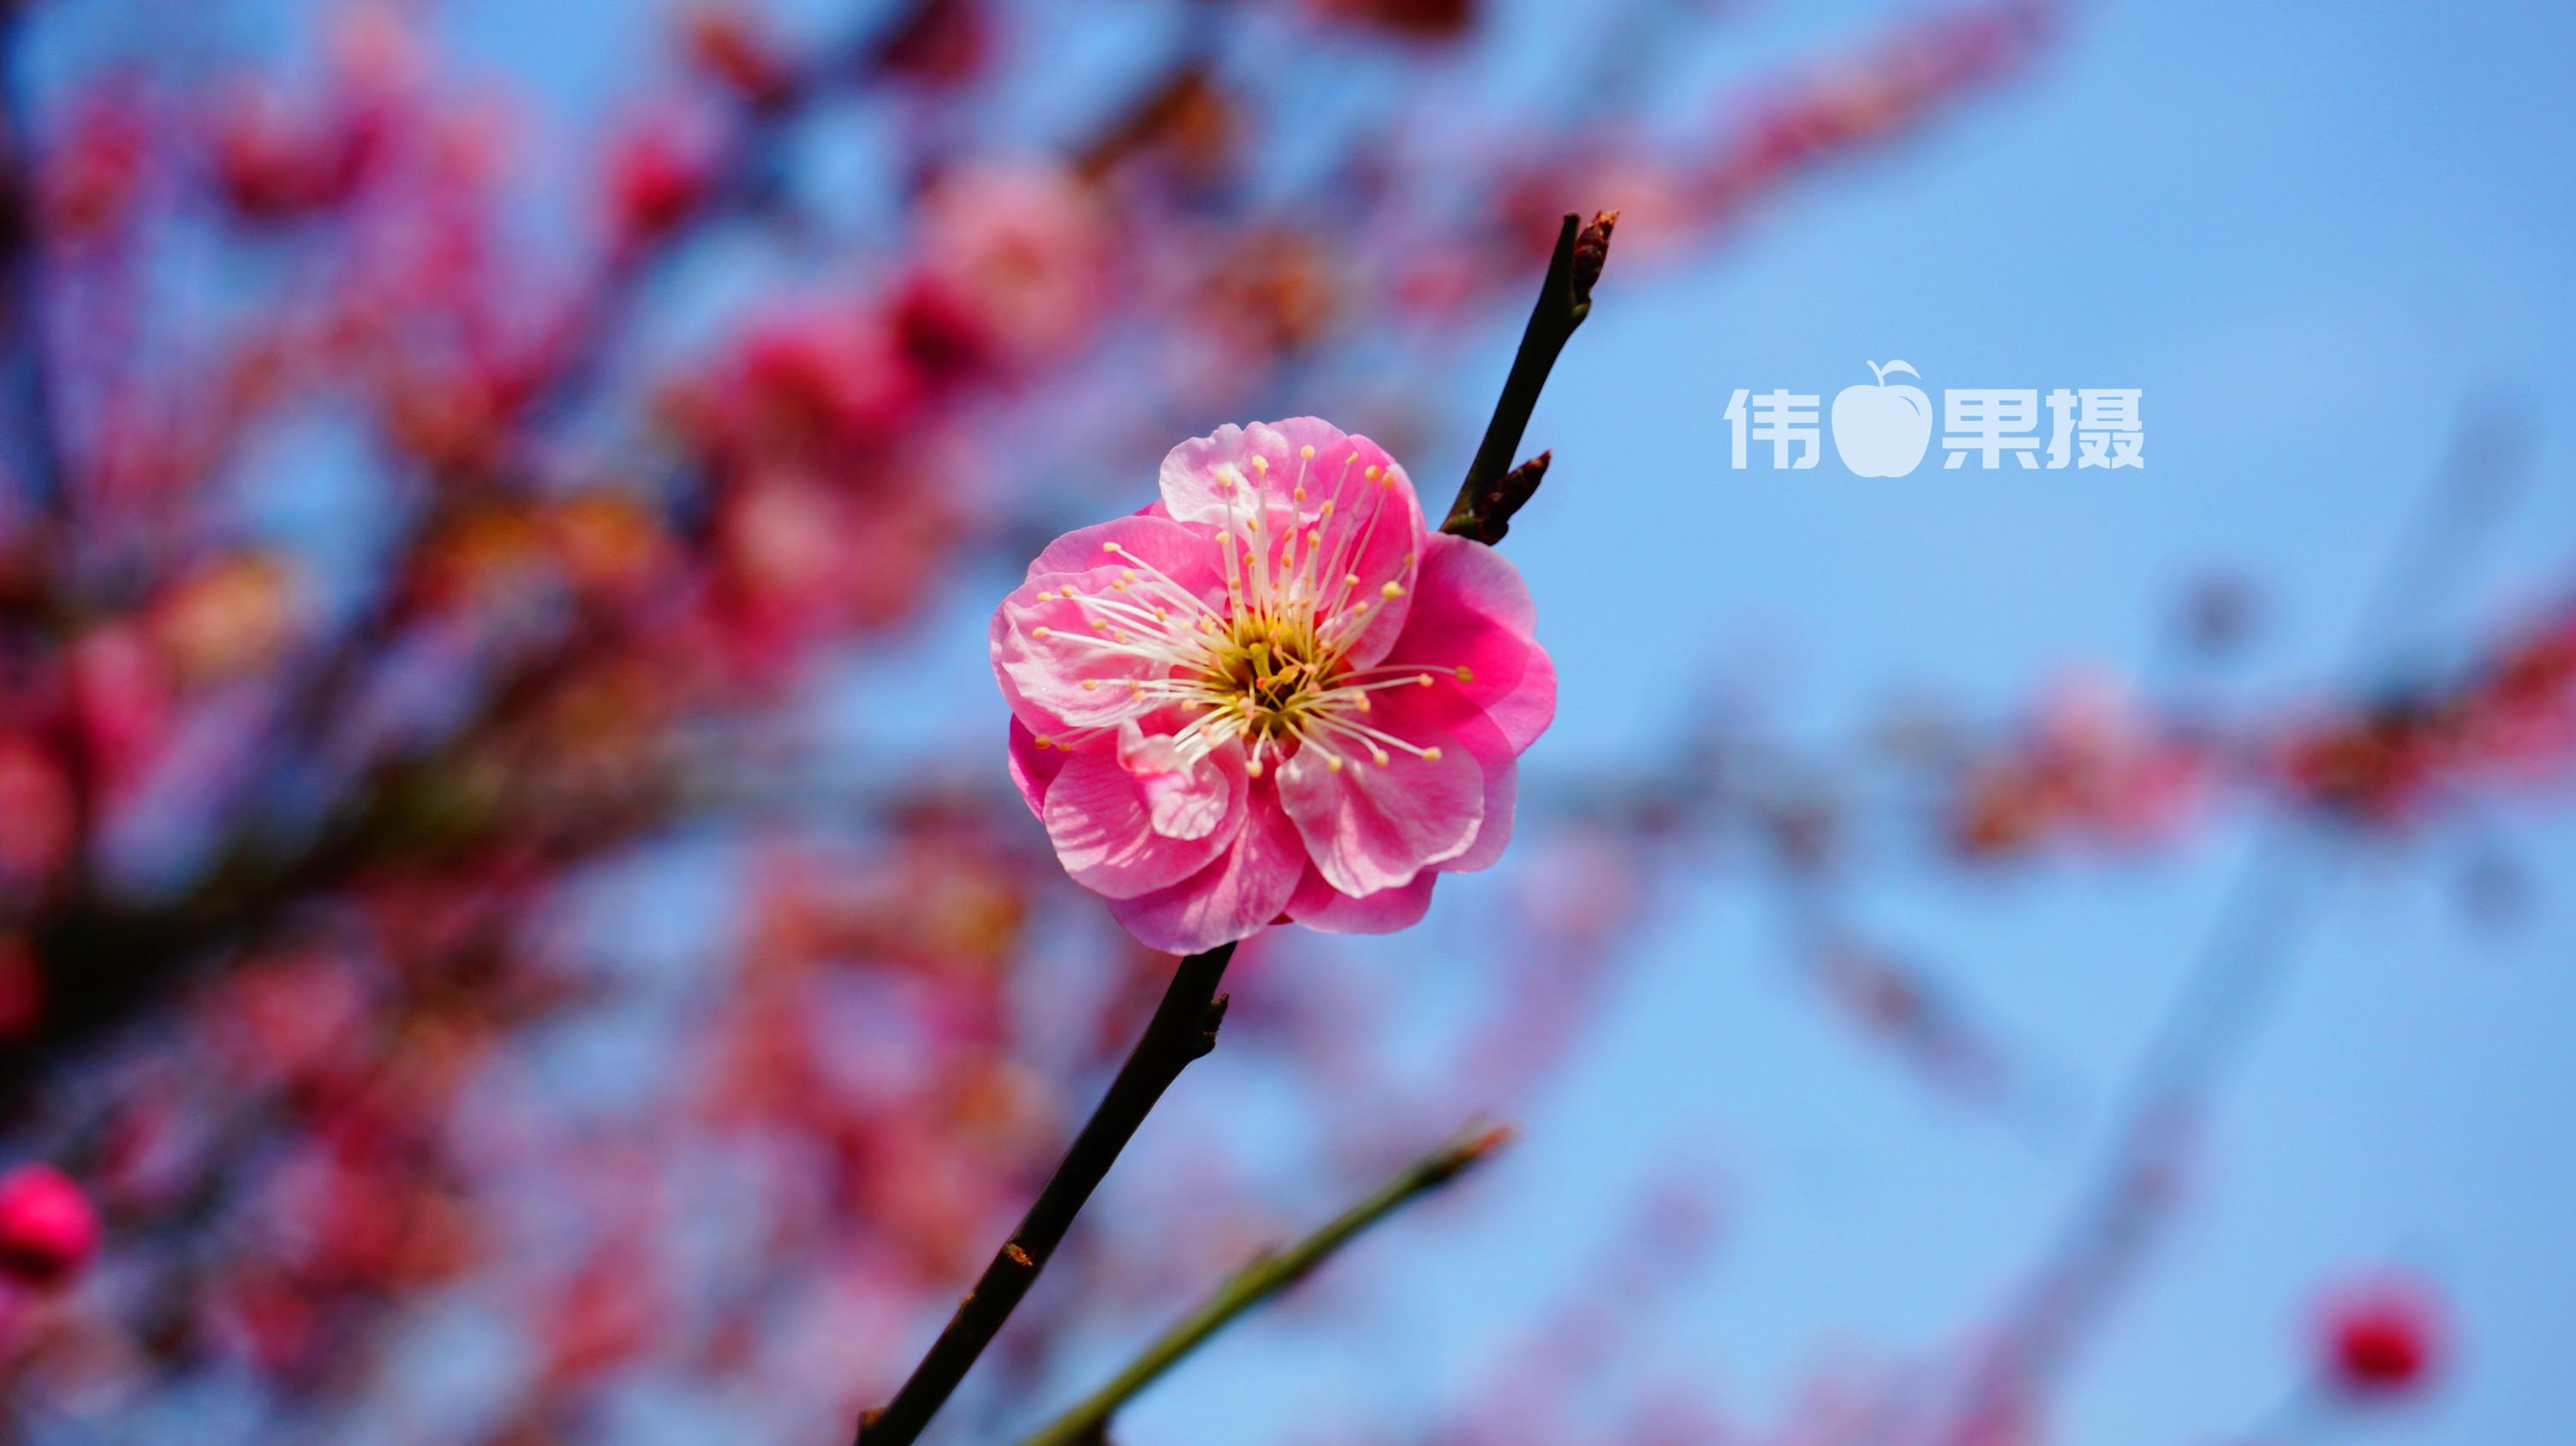 梅花图片 (2)_副本.jpg